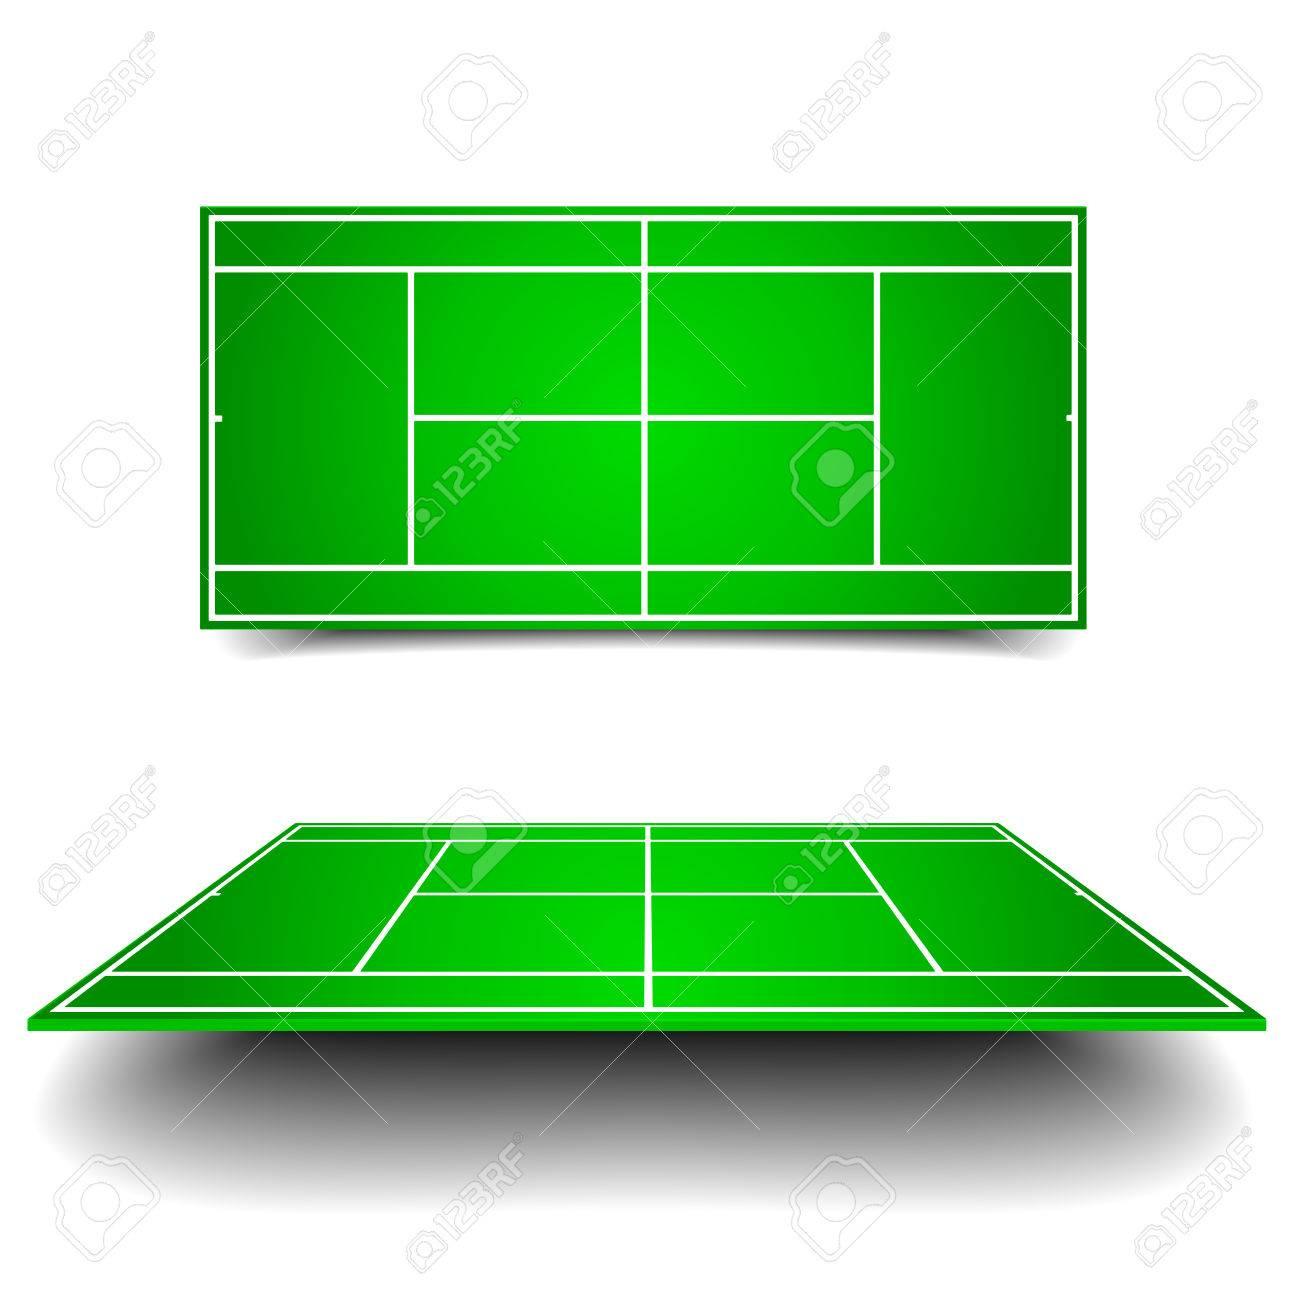 異なる視点を持つテニスコートの詳細なイラストのイラスト素材ベクタ